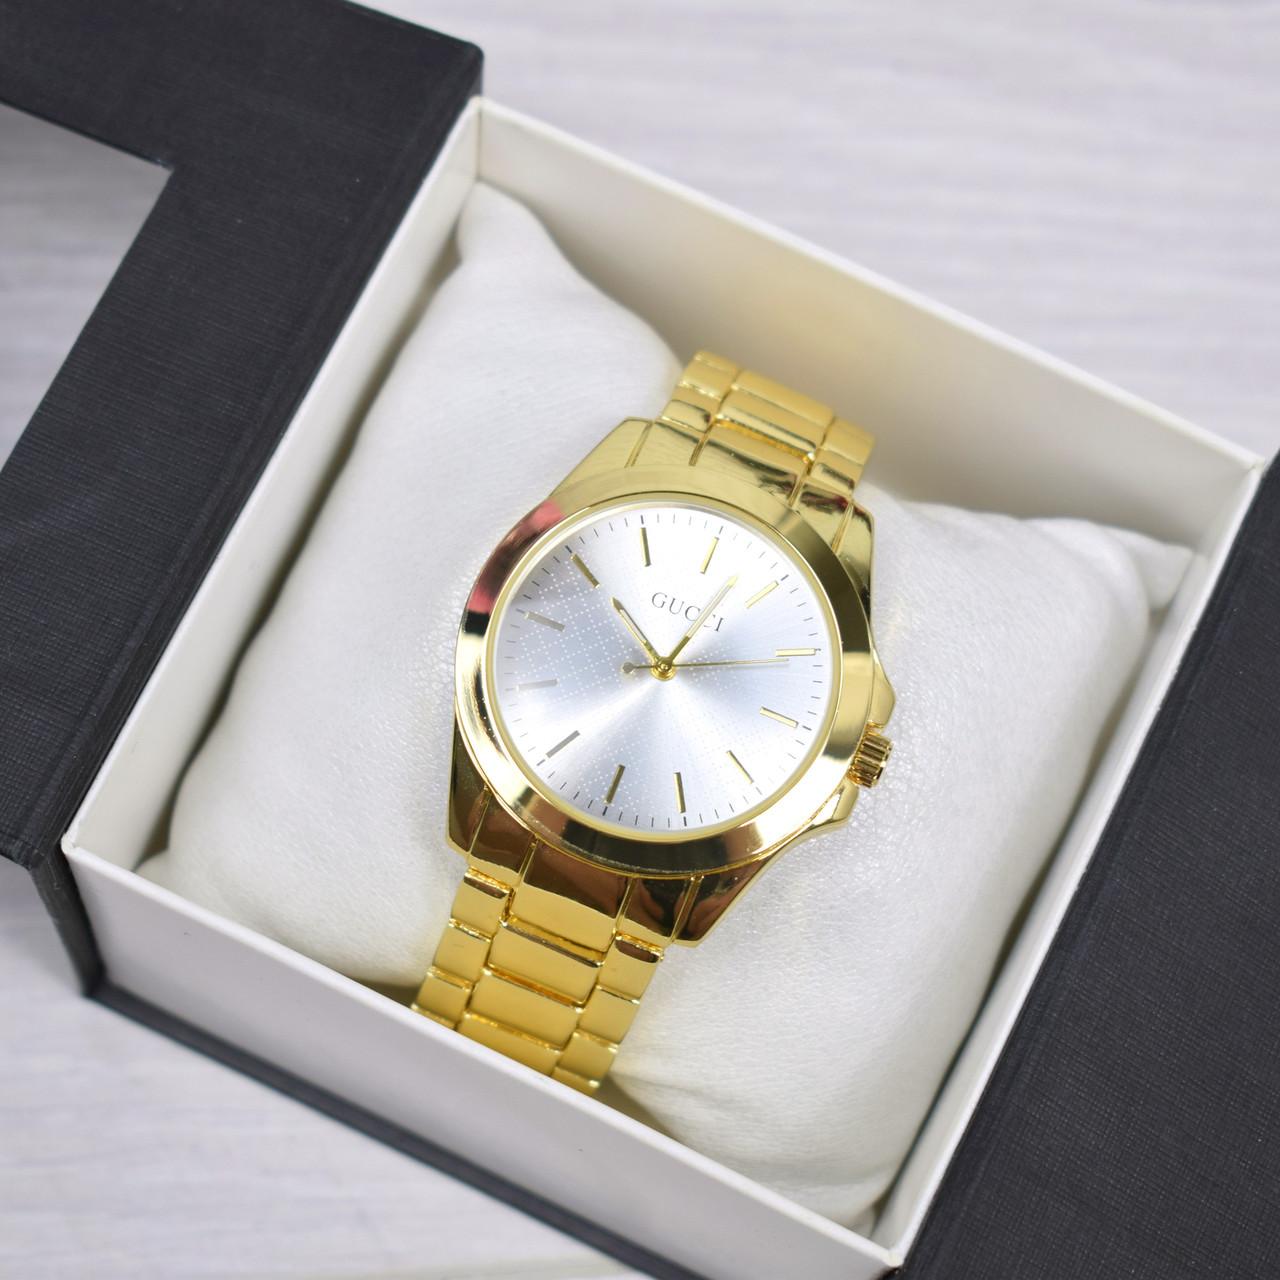 09c0d88df548 Часы женские наручные Gucci золото , часы дропшиппинг - Интернет - магазин  MaxTrade в Днепре